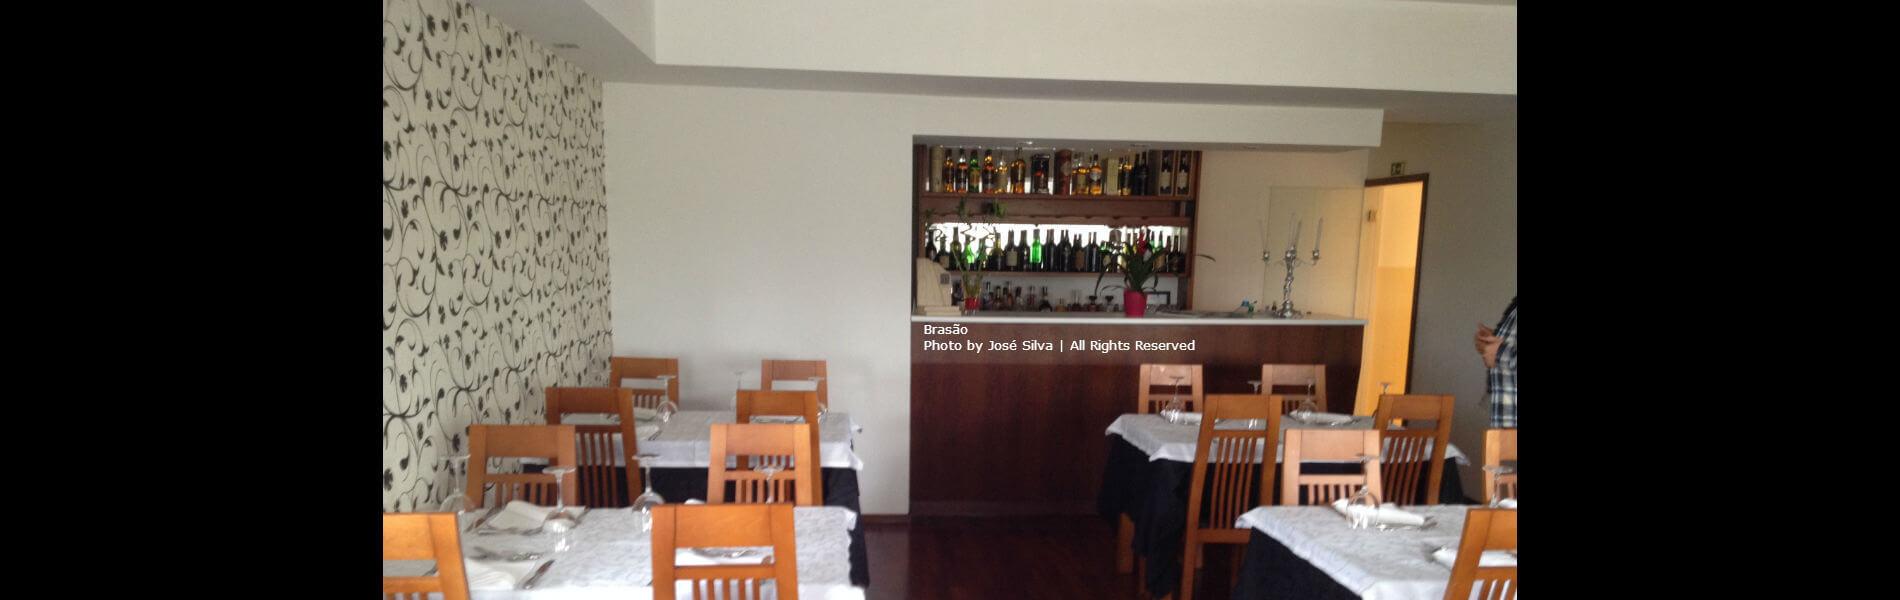 Blend-All-About-Wine-Brasao-Restaurant-Slider